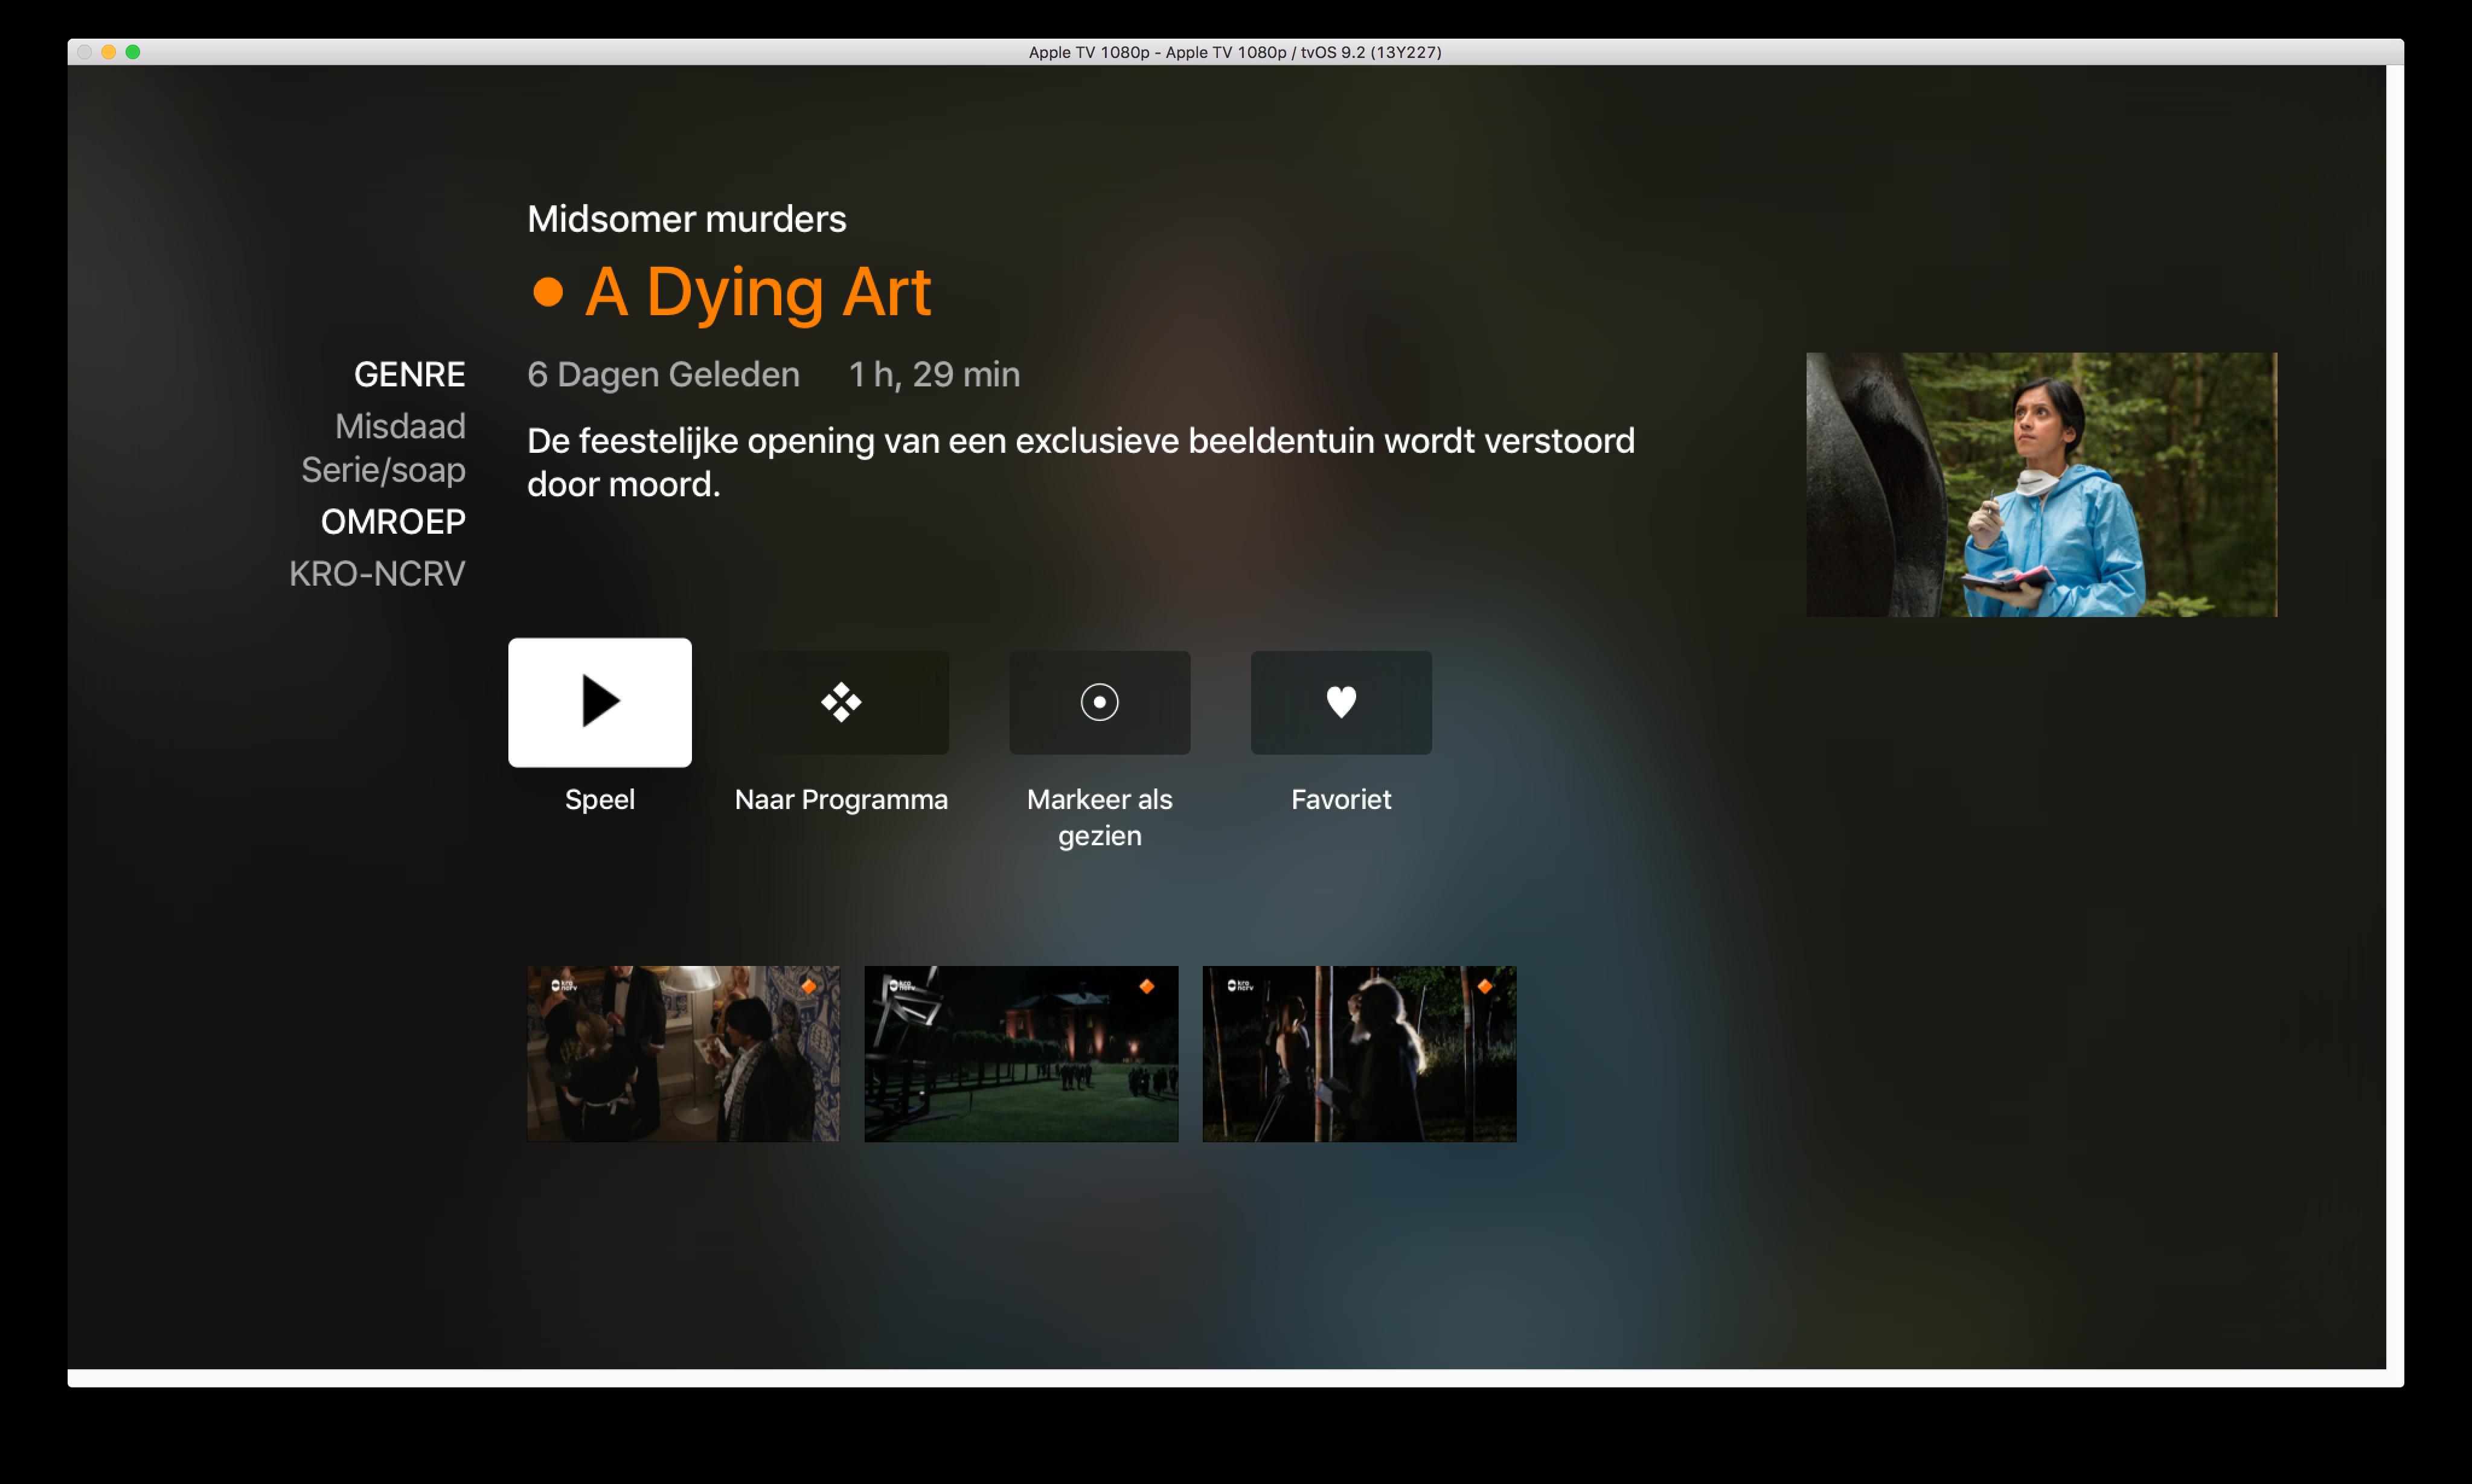 Episode Screen